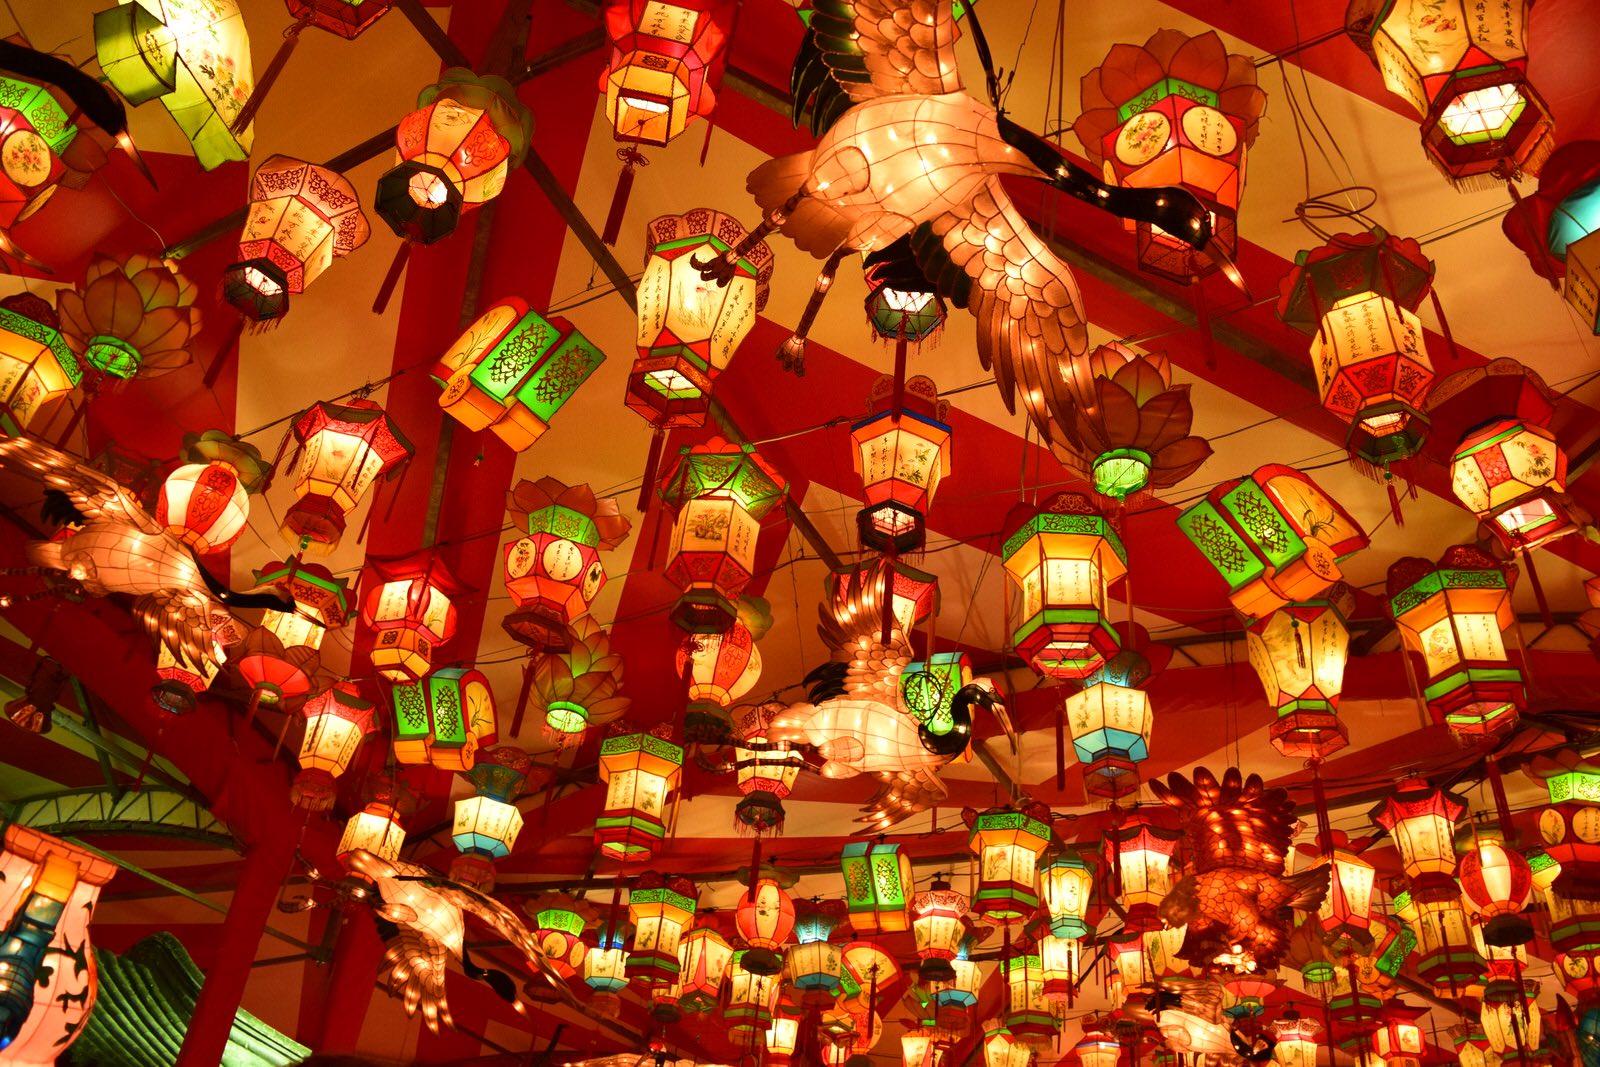 長崎のランタン祭りは、本家中国よりも凄い。